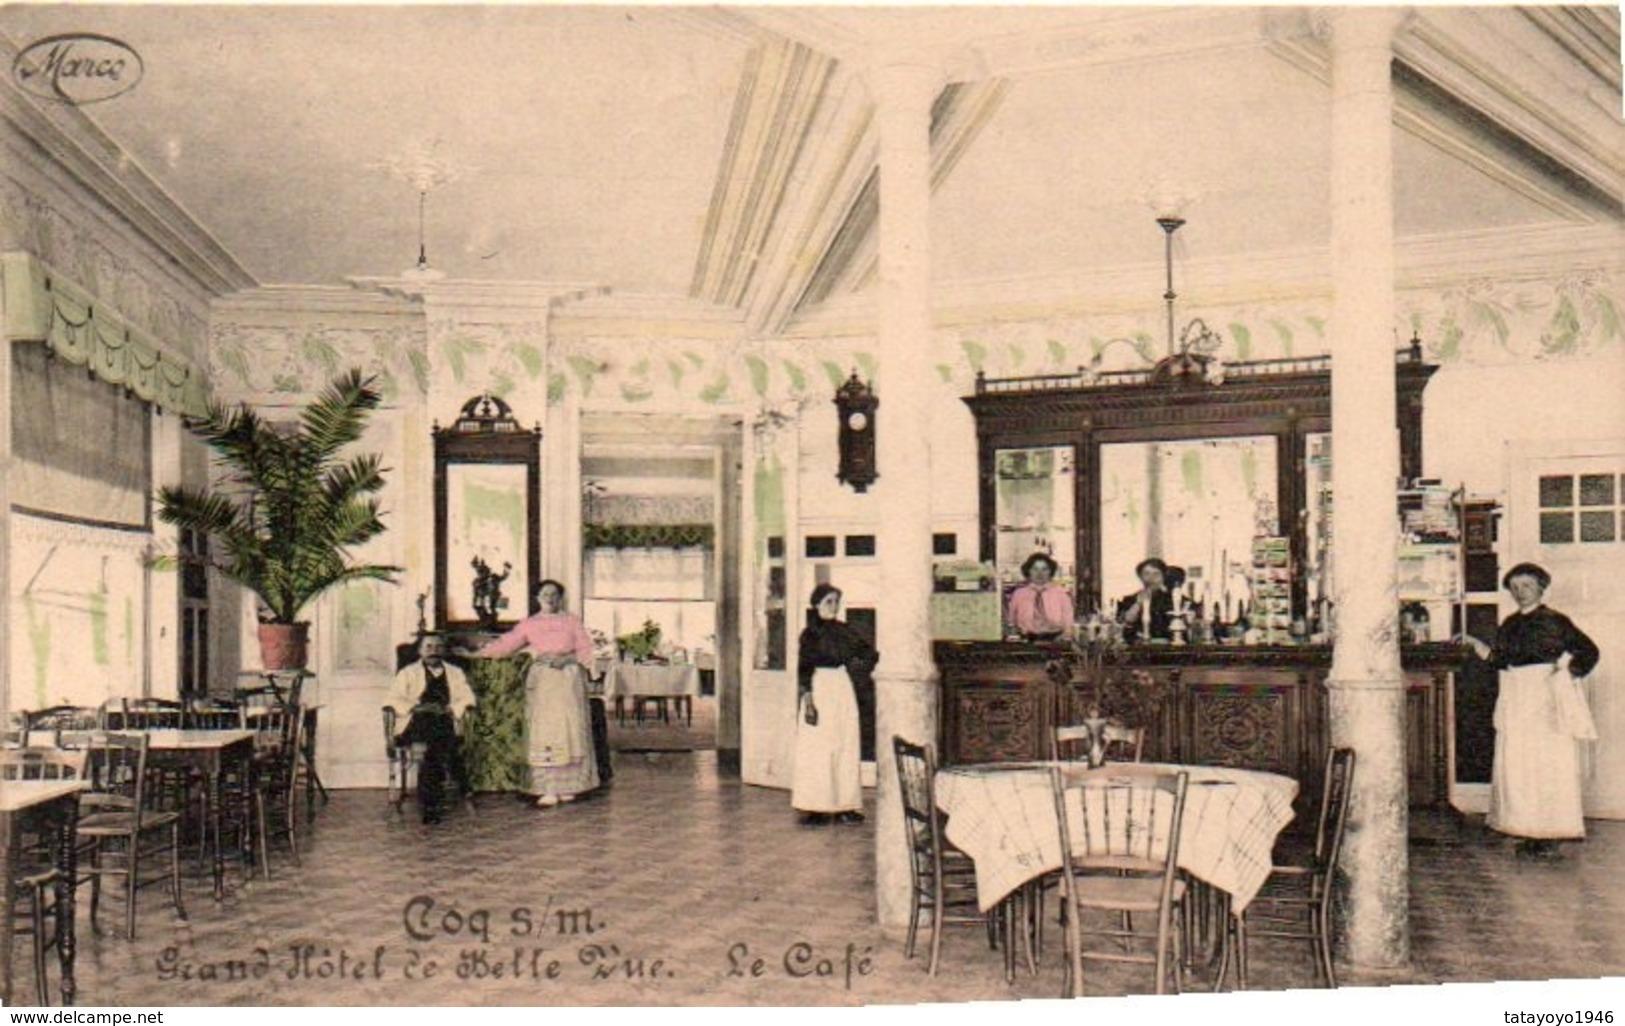 Coq S/mer  Rare Grand Hotel De Belle Vue   Le Café Colorisé Et Animée N'a Pas  Circulé - De Haan